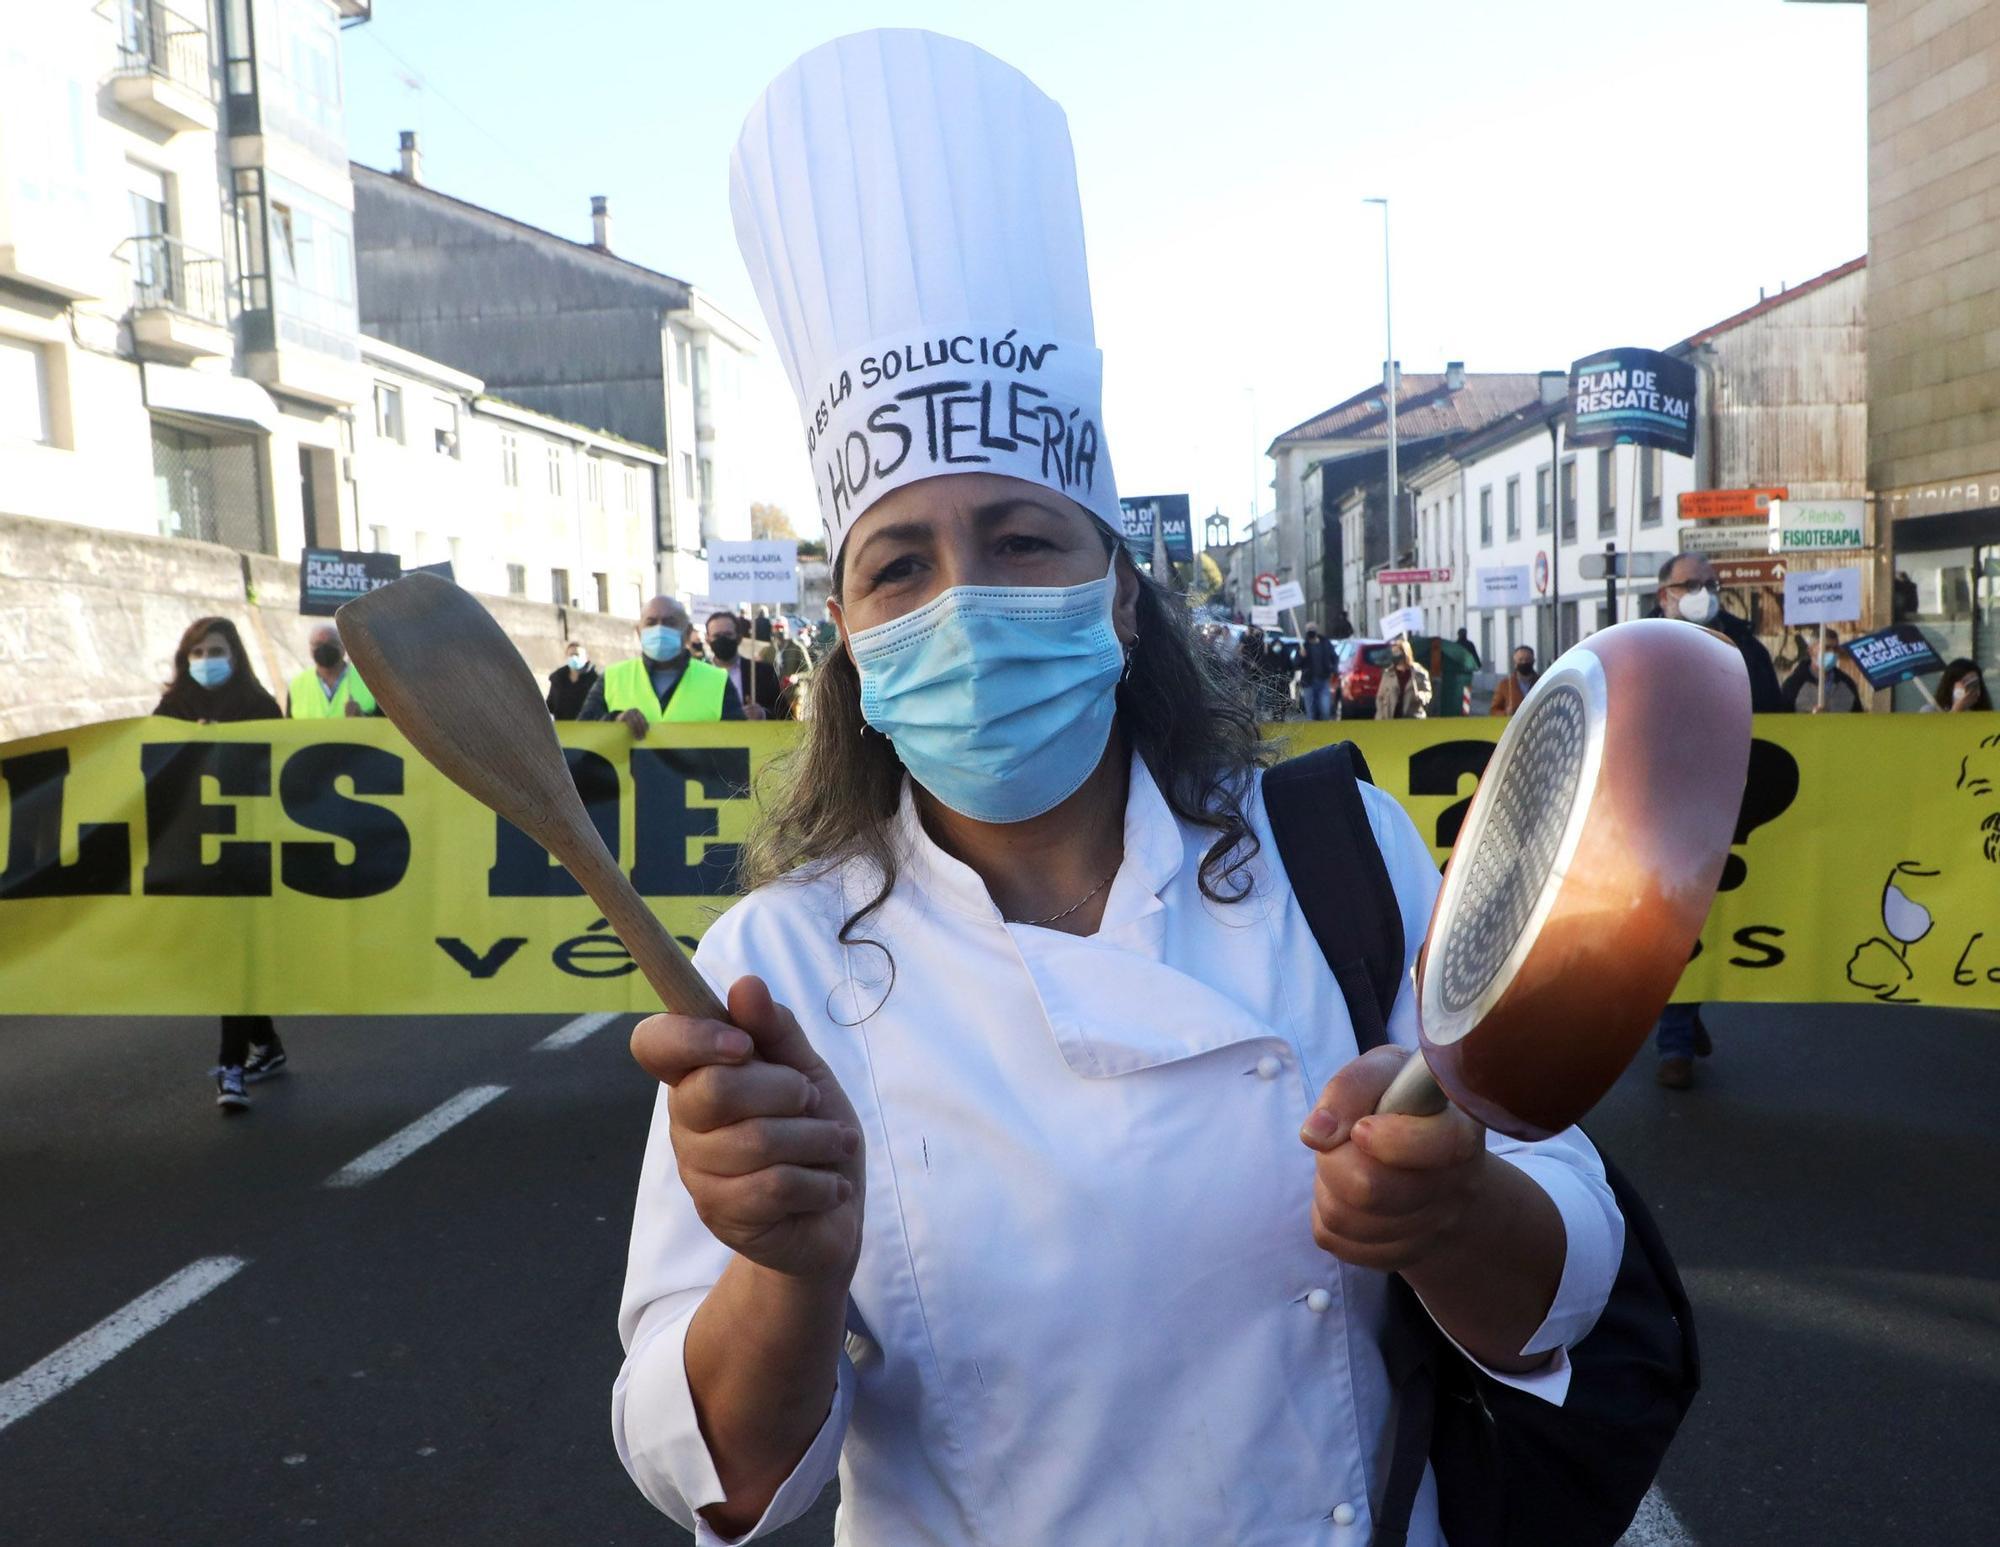 Cientos de empresarios y empleados del sector de la hostelería de diversos puntos de Galicia se han concentrado en Santiago de Compostela para reclamar a las autoridades un plan de rescate urgente ante los efectos de las restricciones impuestas para frenar la propagación de la pandemia de covid-19.